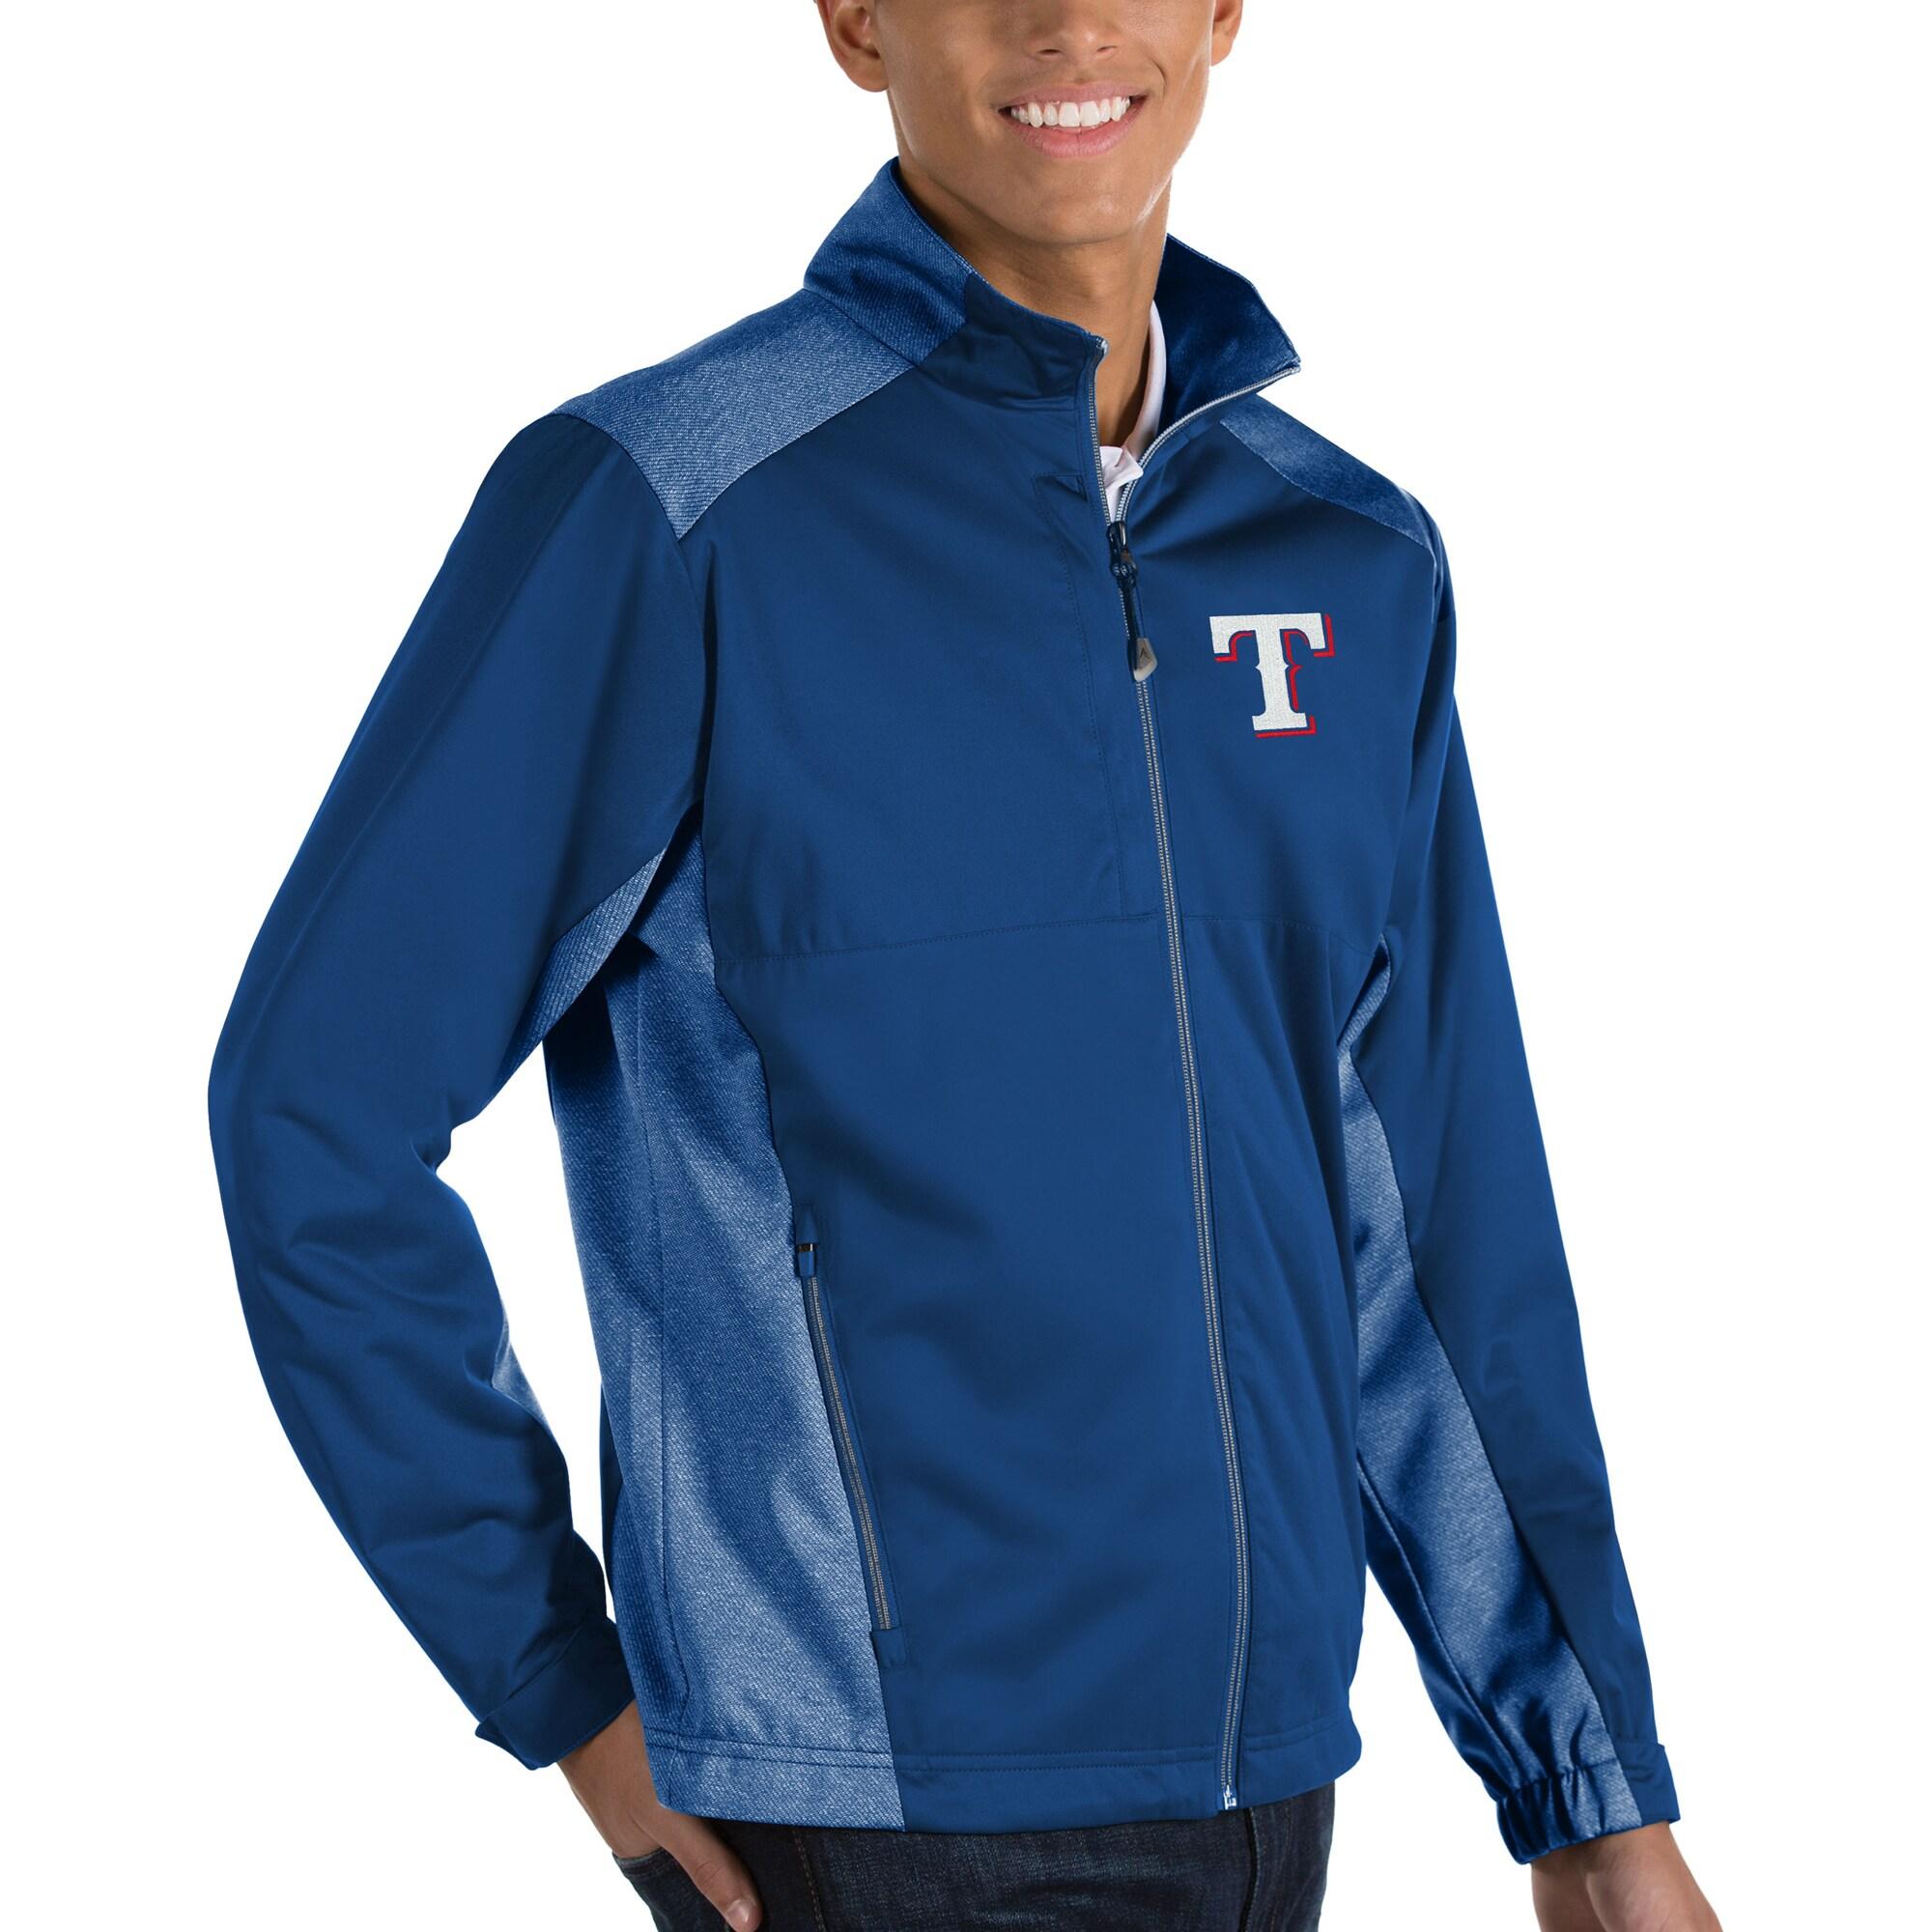 Texas Rangers Antigua Revolve Full-Zip Jacket - Royal